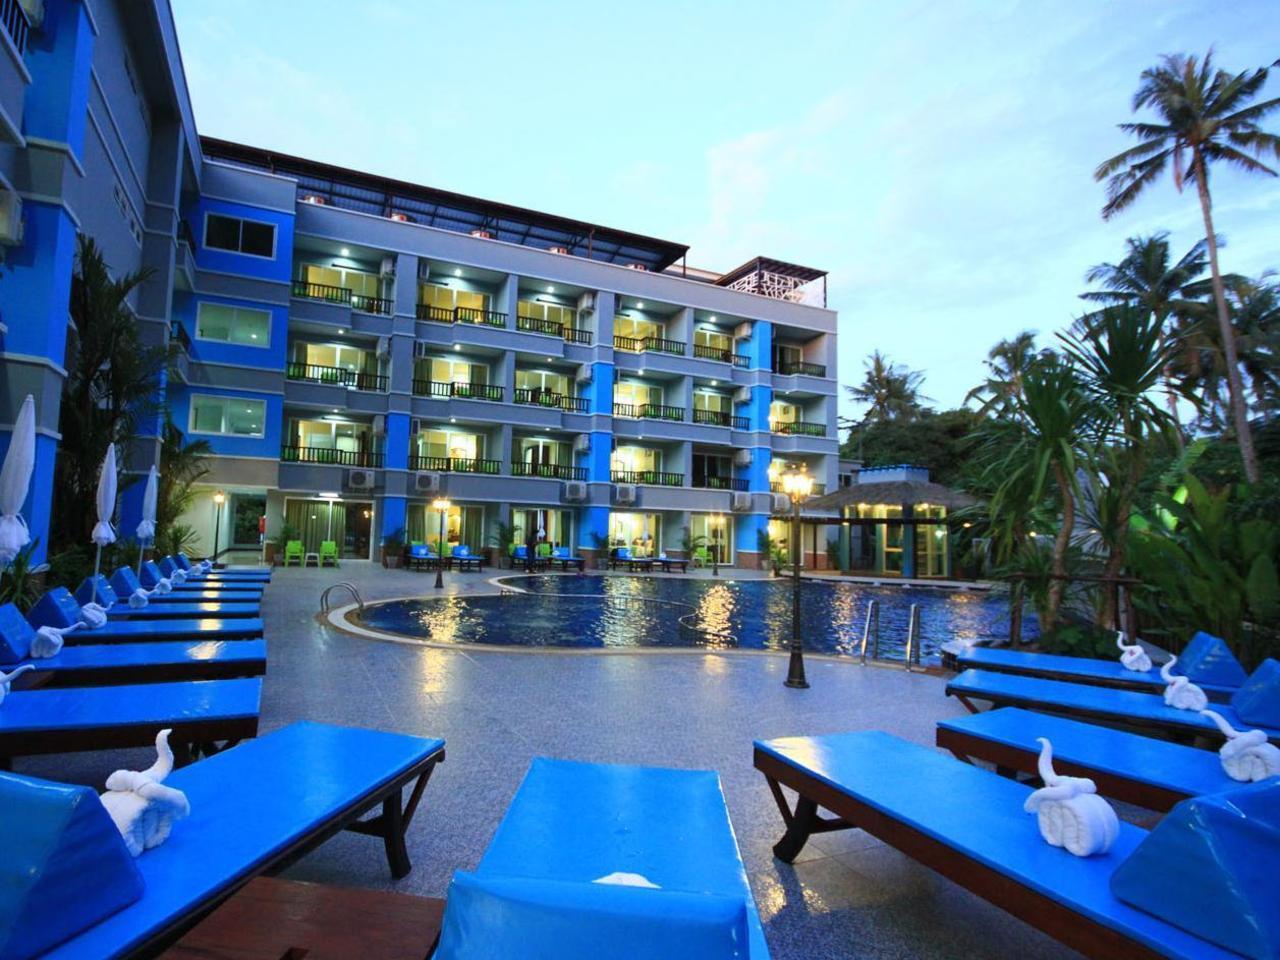 อ่าวนาง ซิลเวอร์ ออคิด รีสอร์ท (Aonang Silver Orchid Resort)